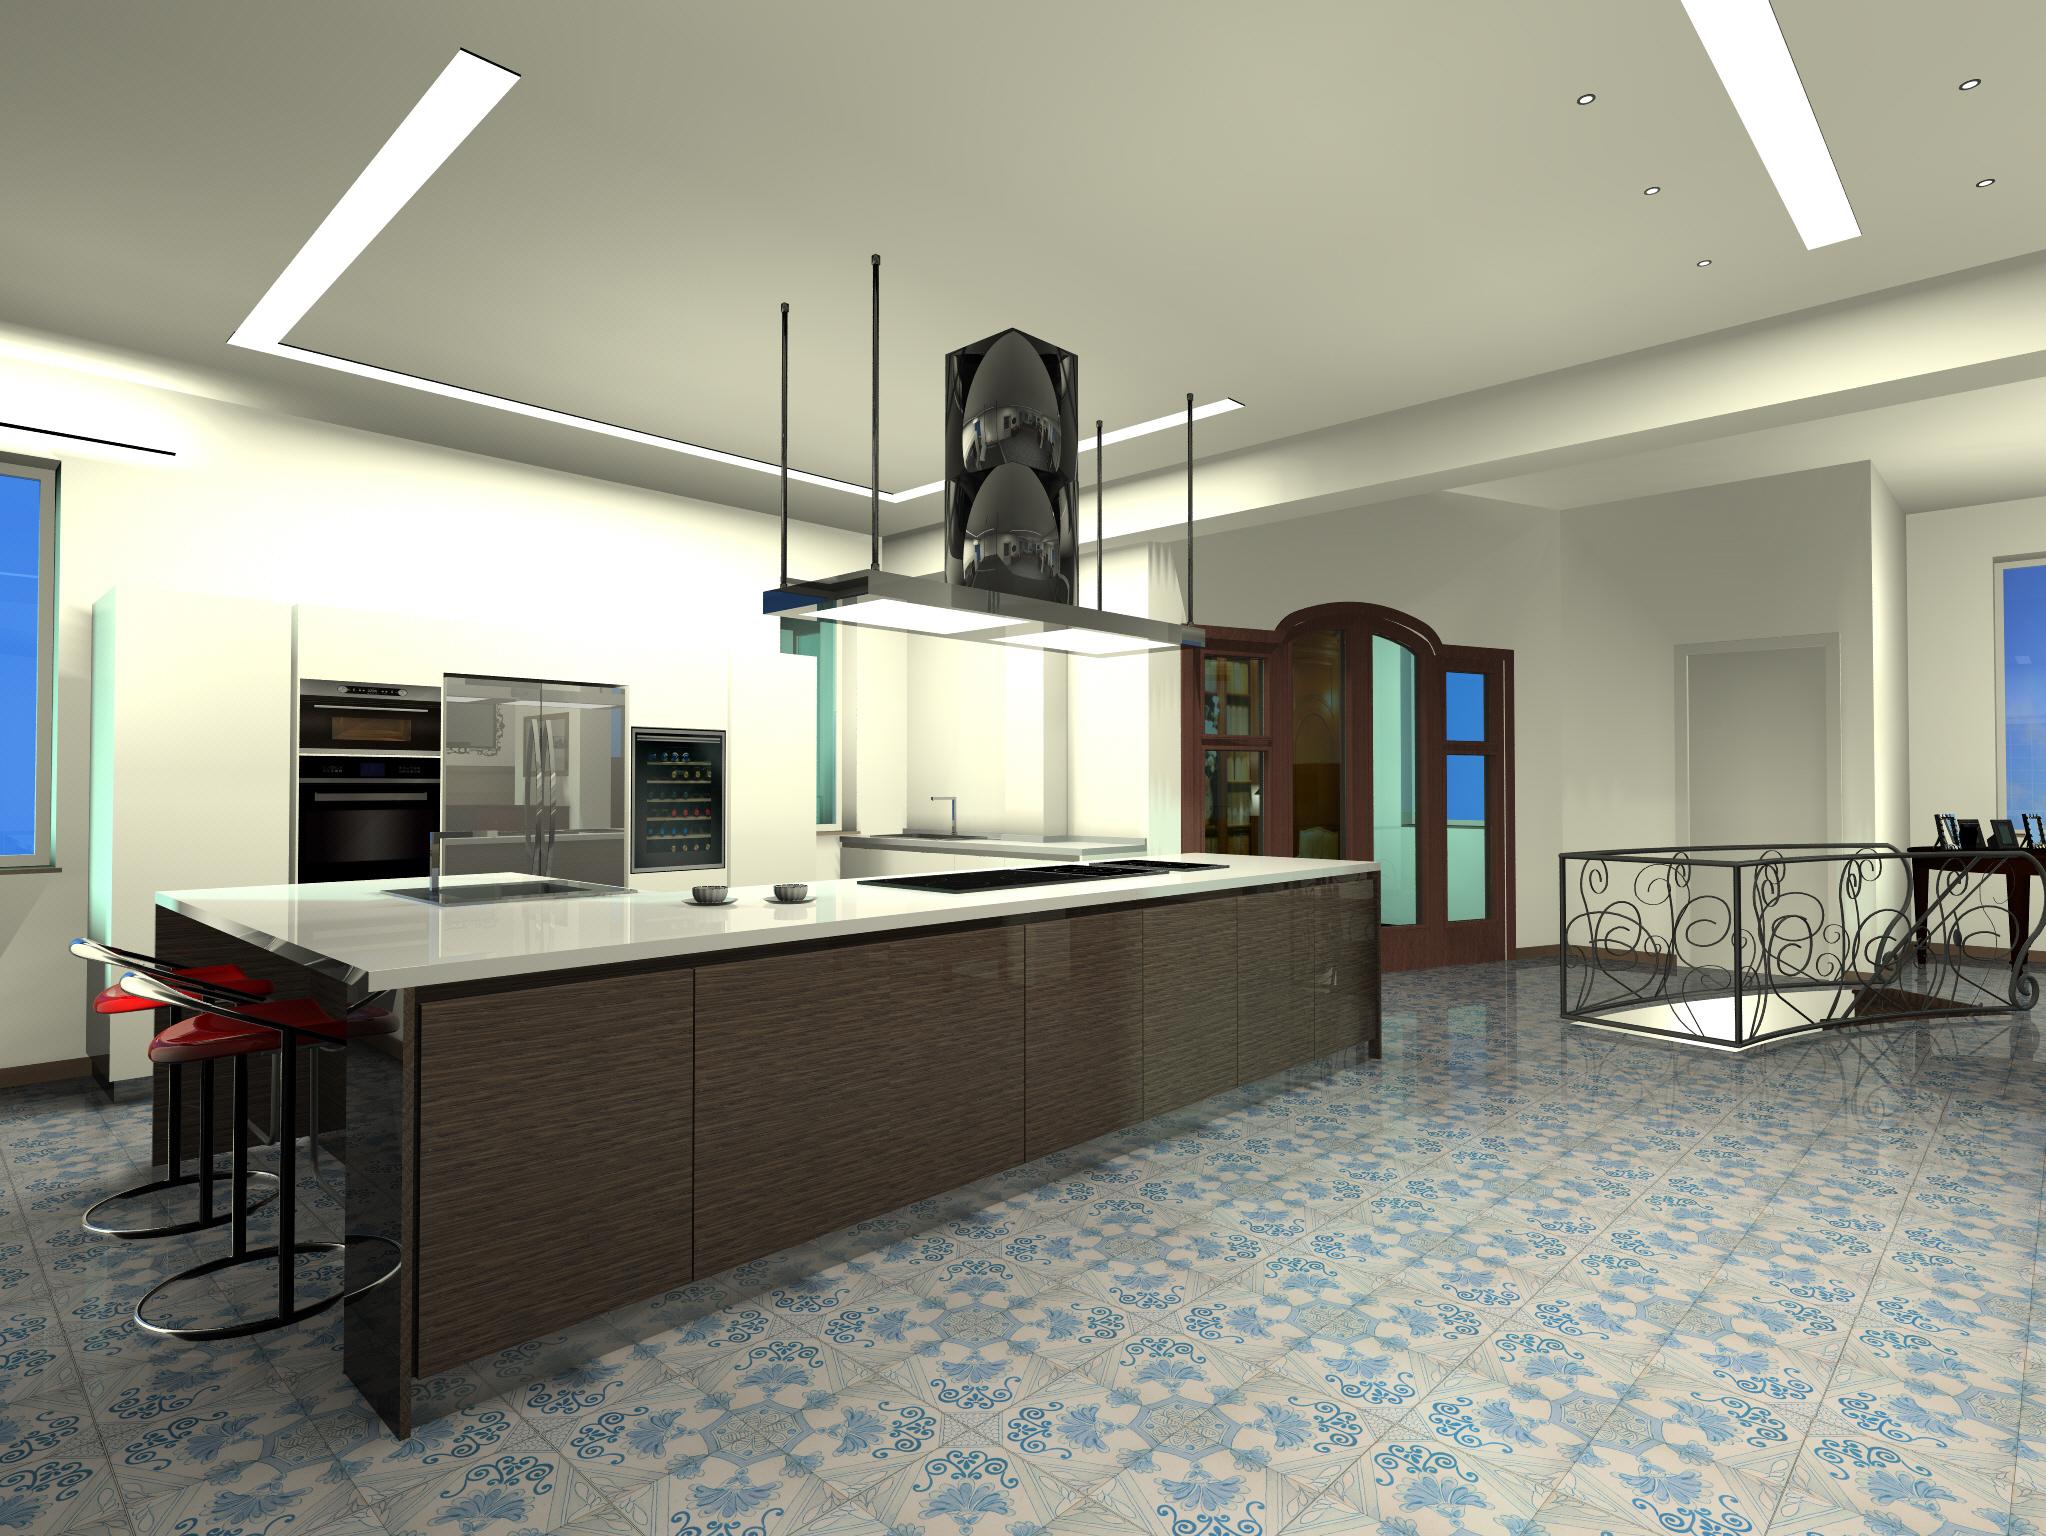 Progettare casa in 3d rendering casa progetti case for Progettare casa 3d